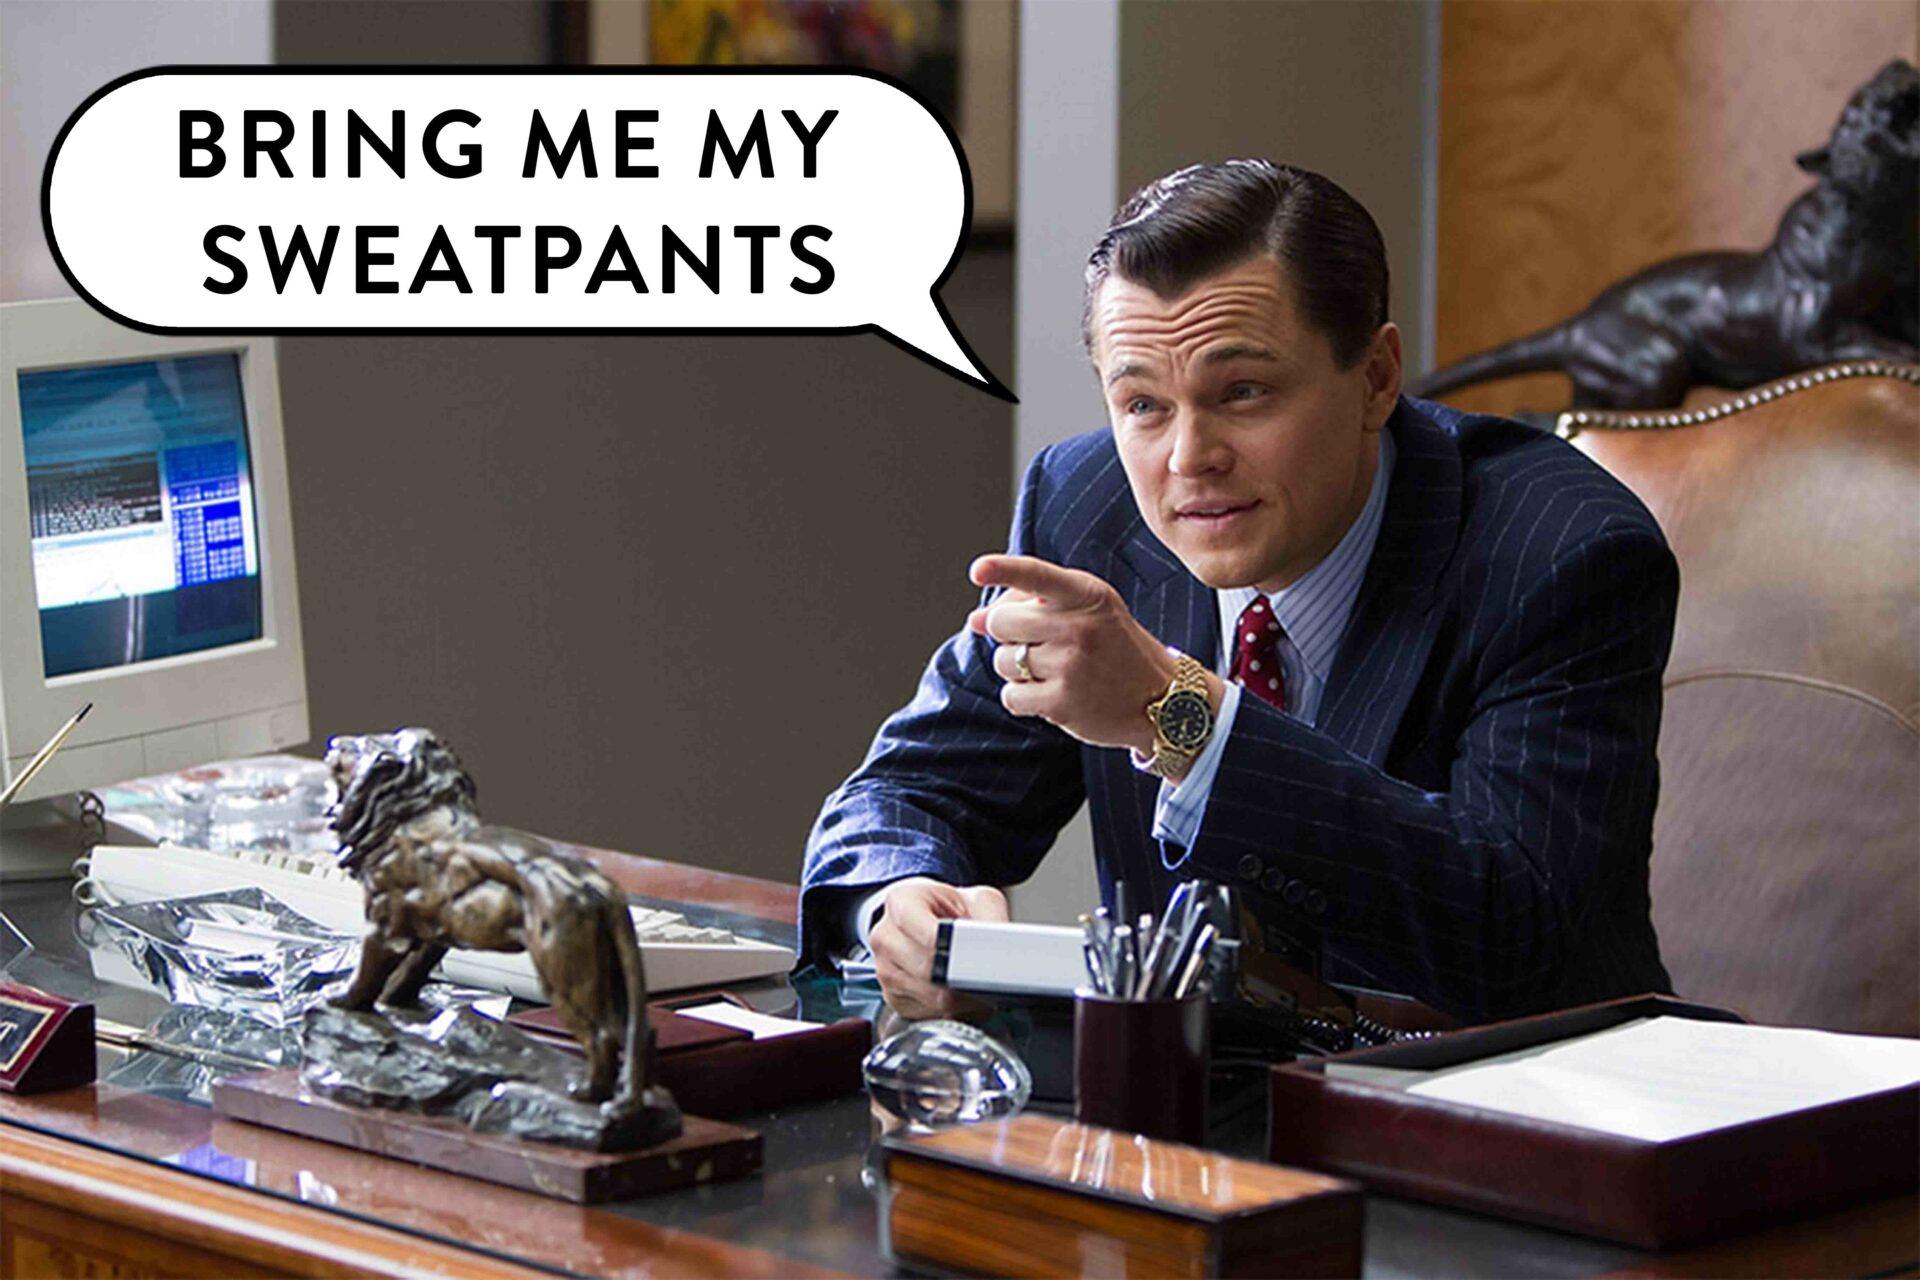 Bürotauglichen Jogginghose für Männer: So kreierst du einen stylischen Business-Look mit Sweatpants!